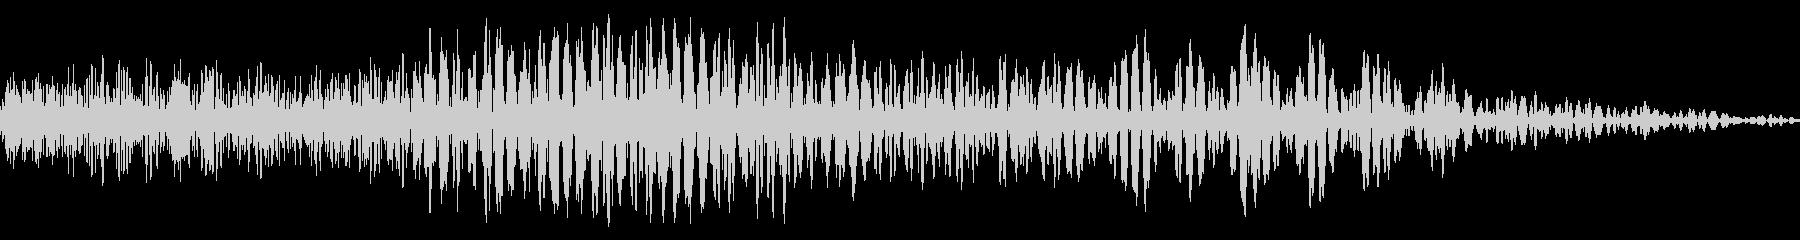 メニュー画面音(ウインドウ,決定等)13の未再生の波形